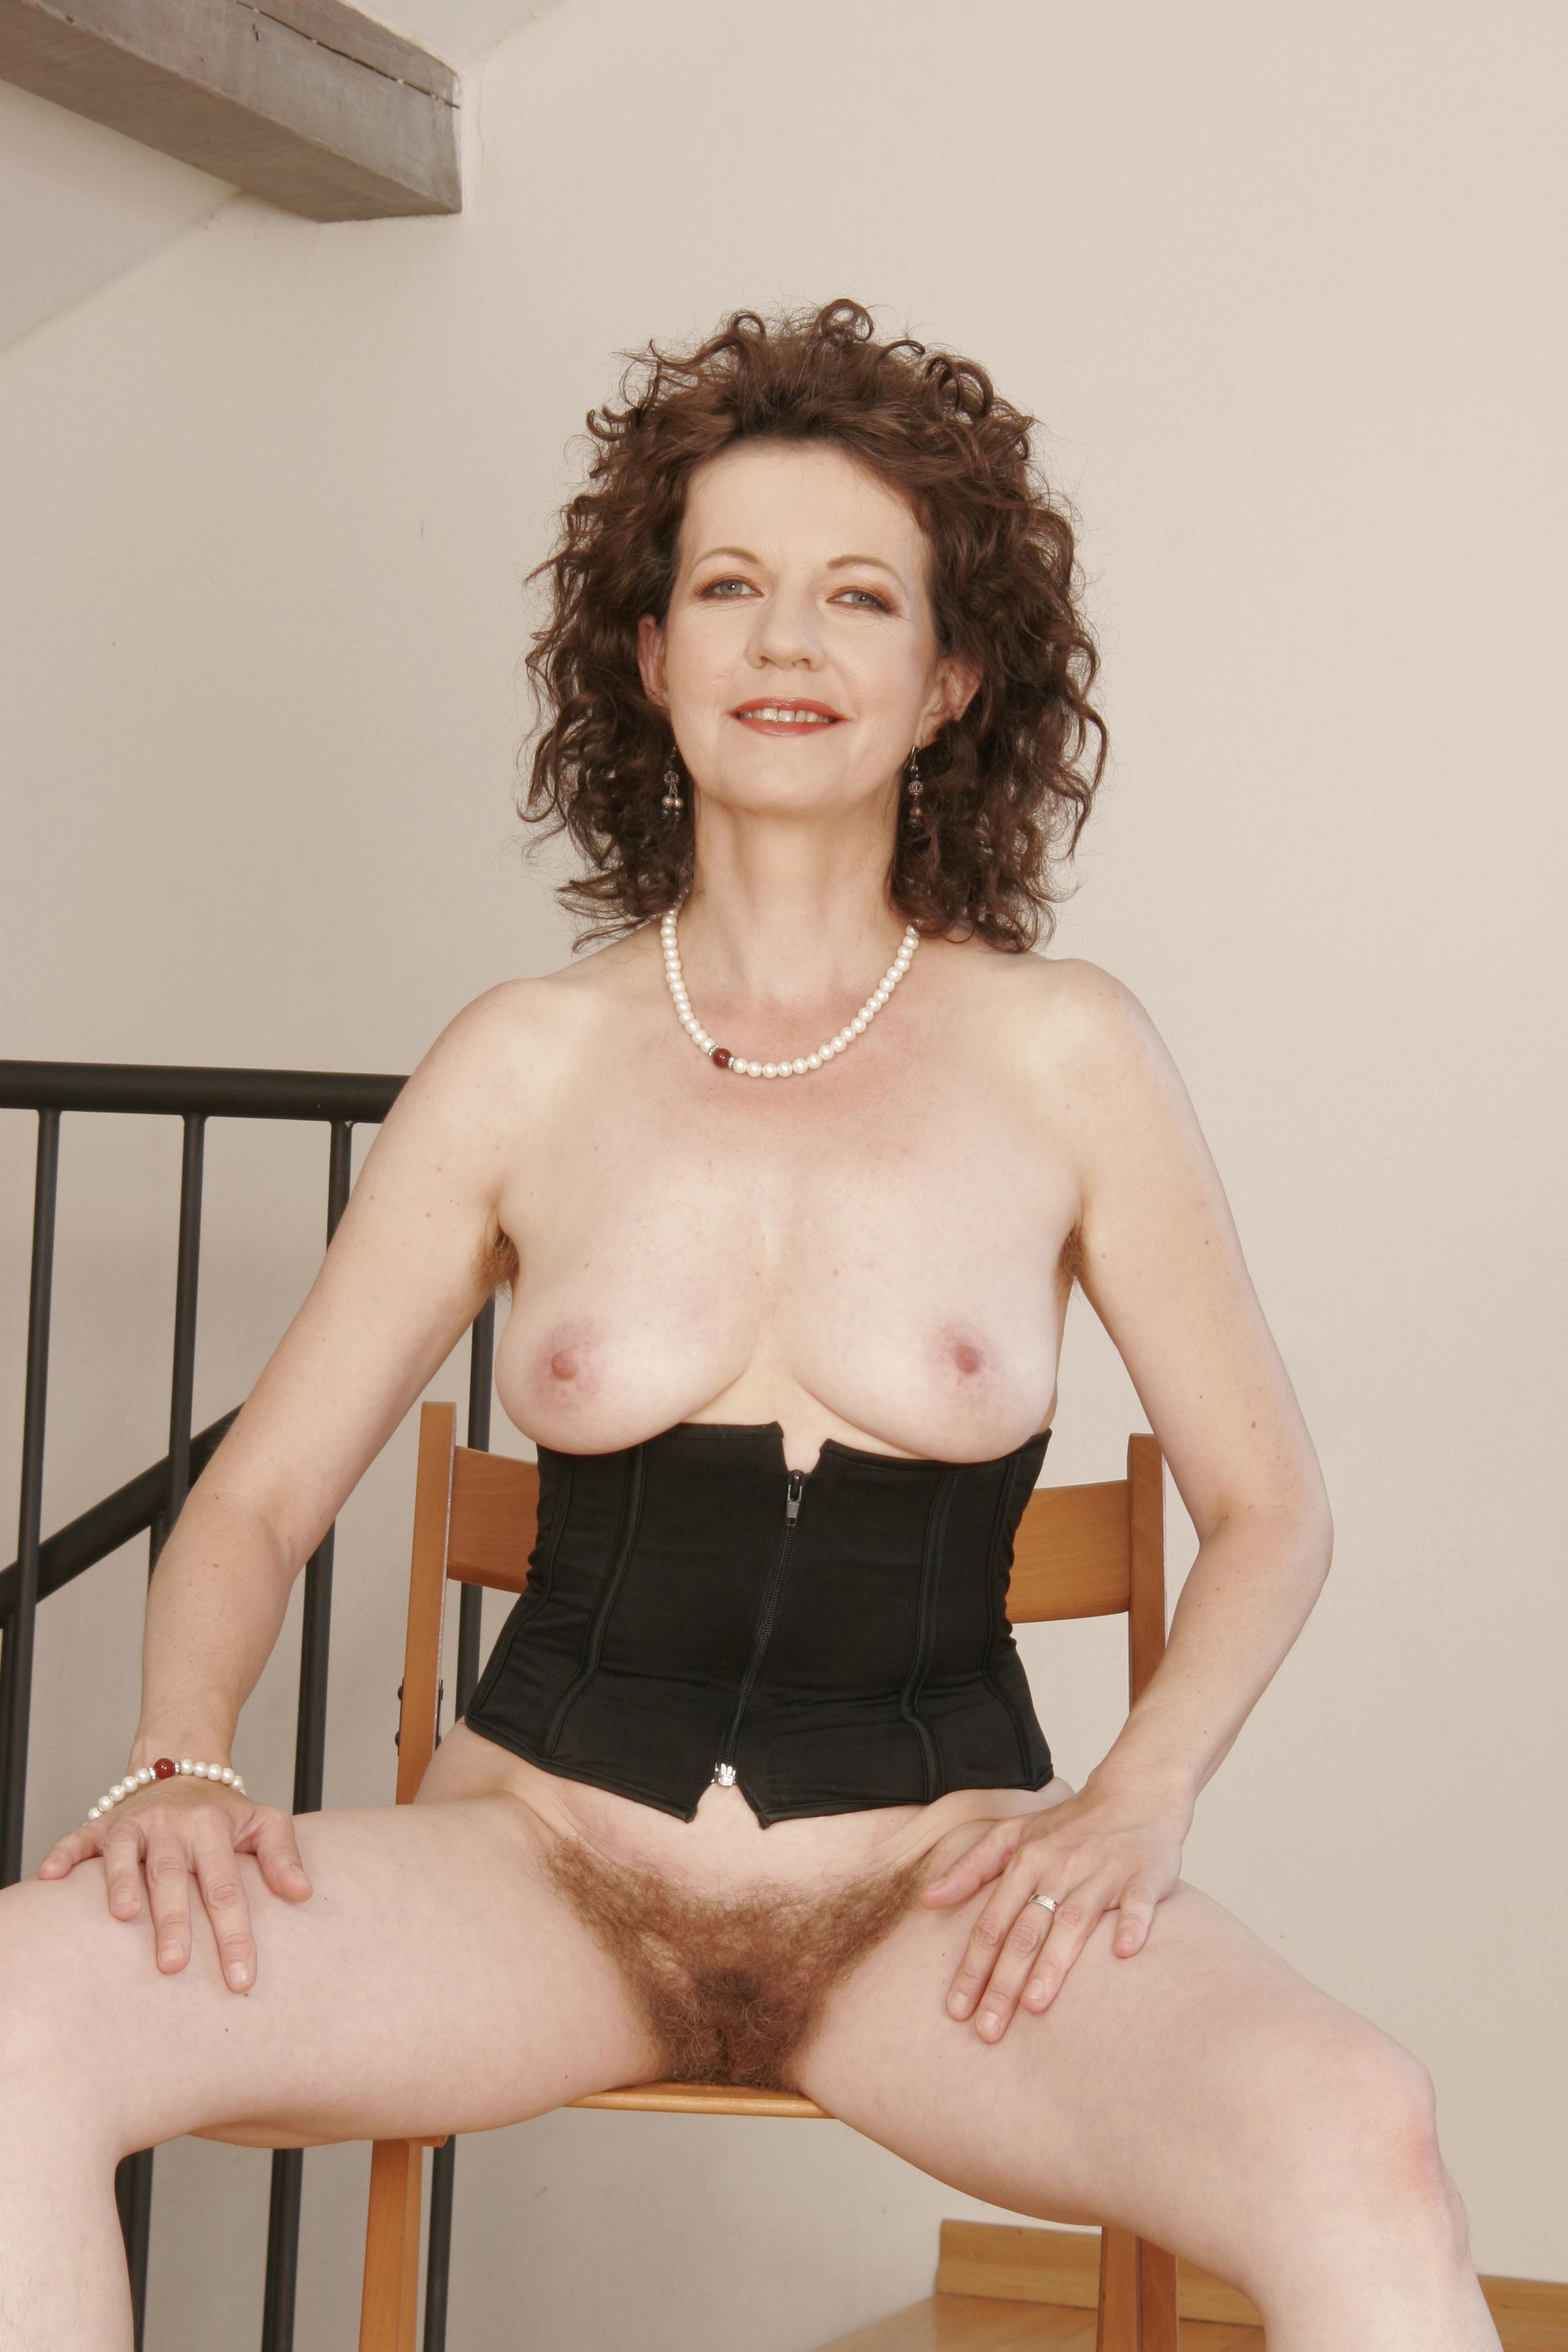 Naked girls weird stuff